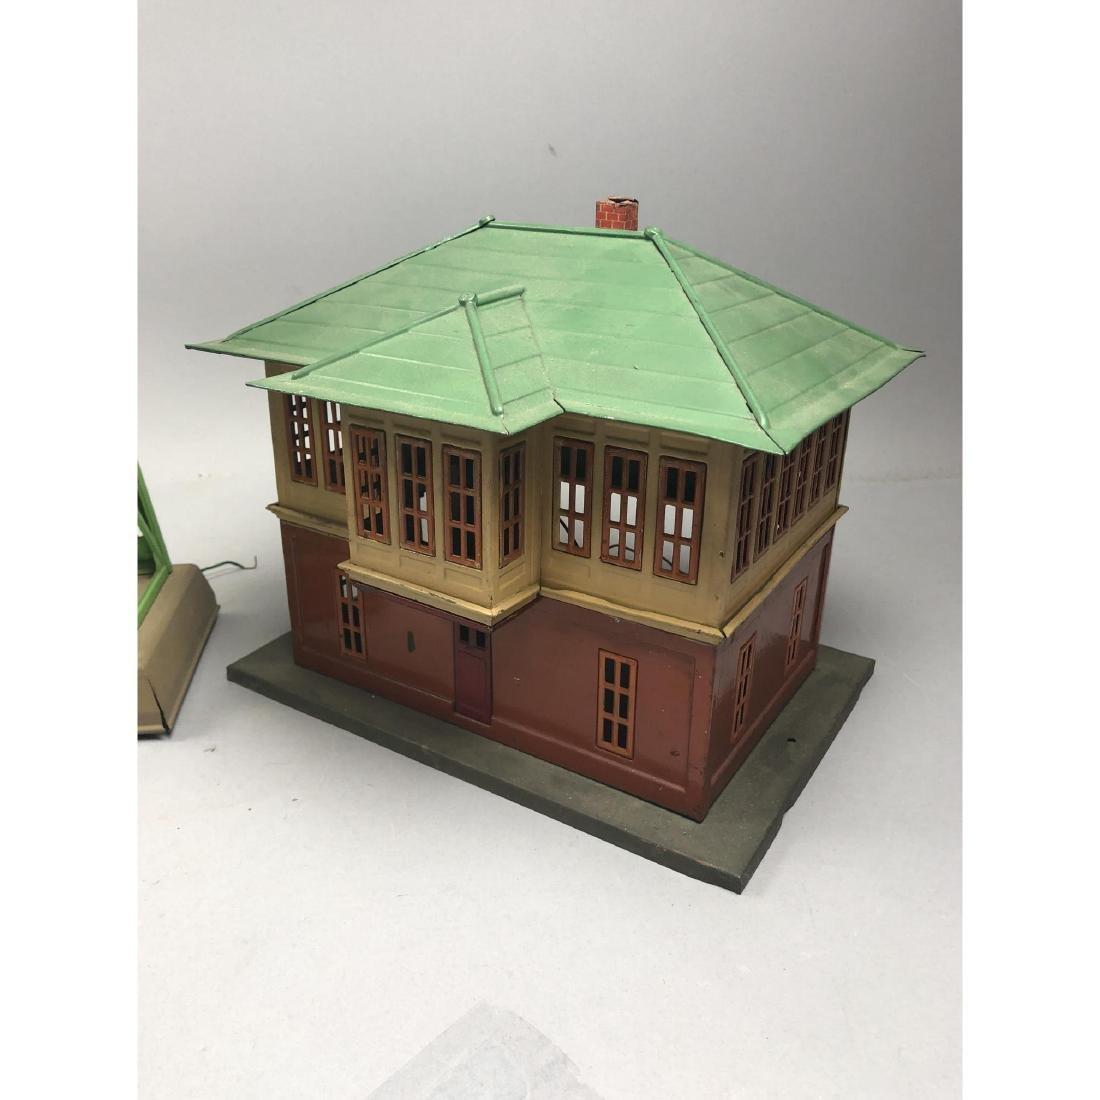 3pc LIONEL Model Train Buildings. 1 power station - 9